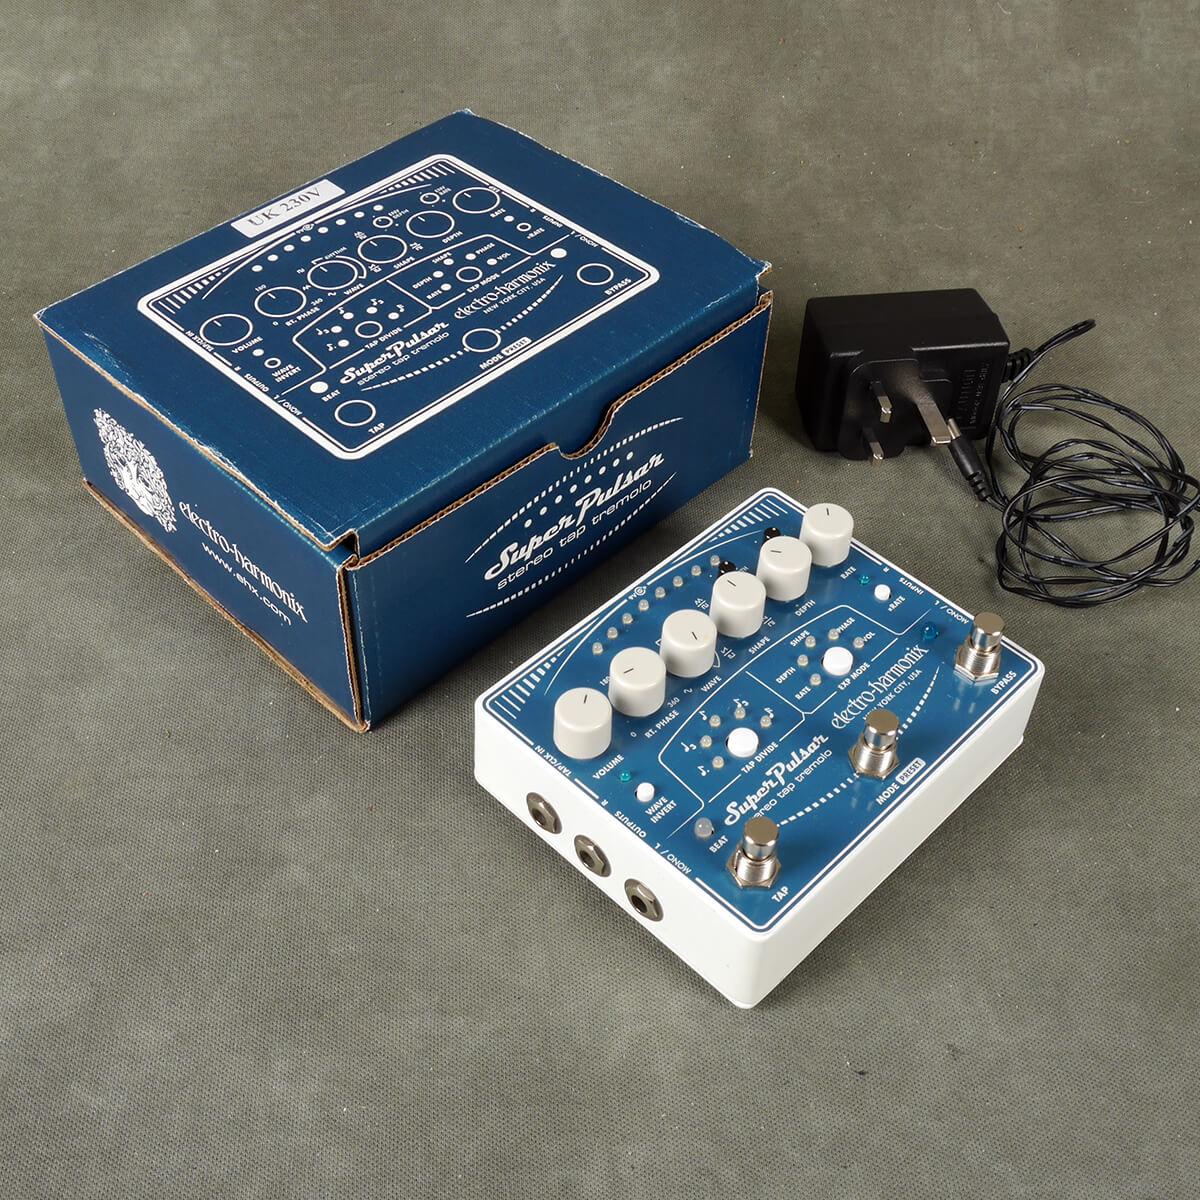 EHX Super Pulsar Tap Tremolo FX Pedal w/Box & PSU - 2nd Hand